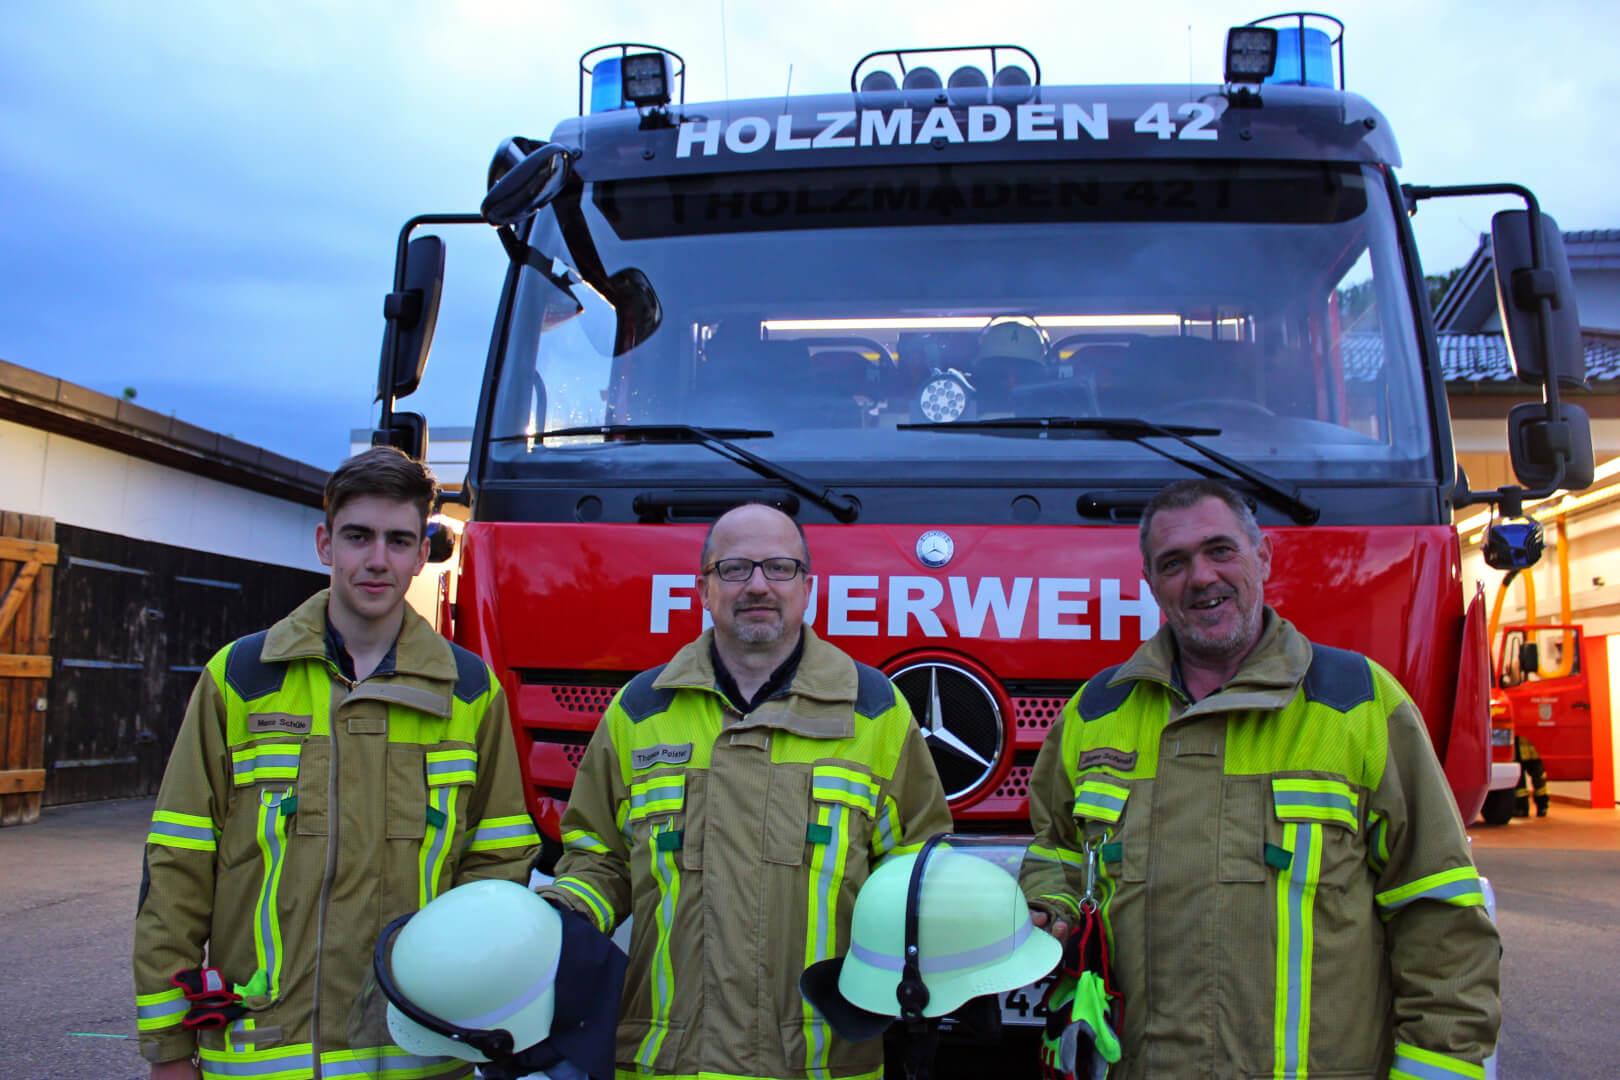 Marco Schüle (l.) und Jürgen Schmidt (r.) erhalten symbolisch von Kommandant Thomas Polster ihre Feuerwehrhelme für den Dienst in der Einsatzabteilung.